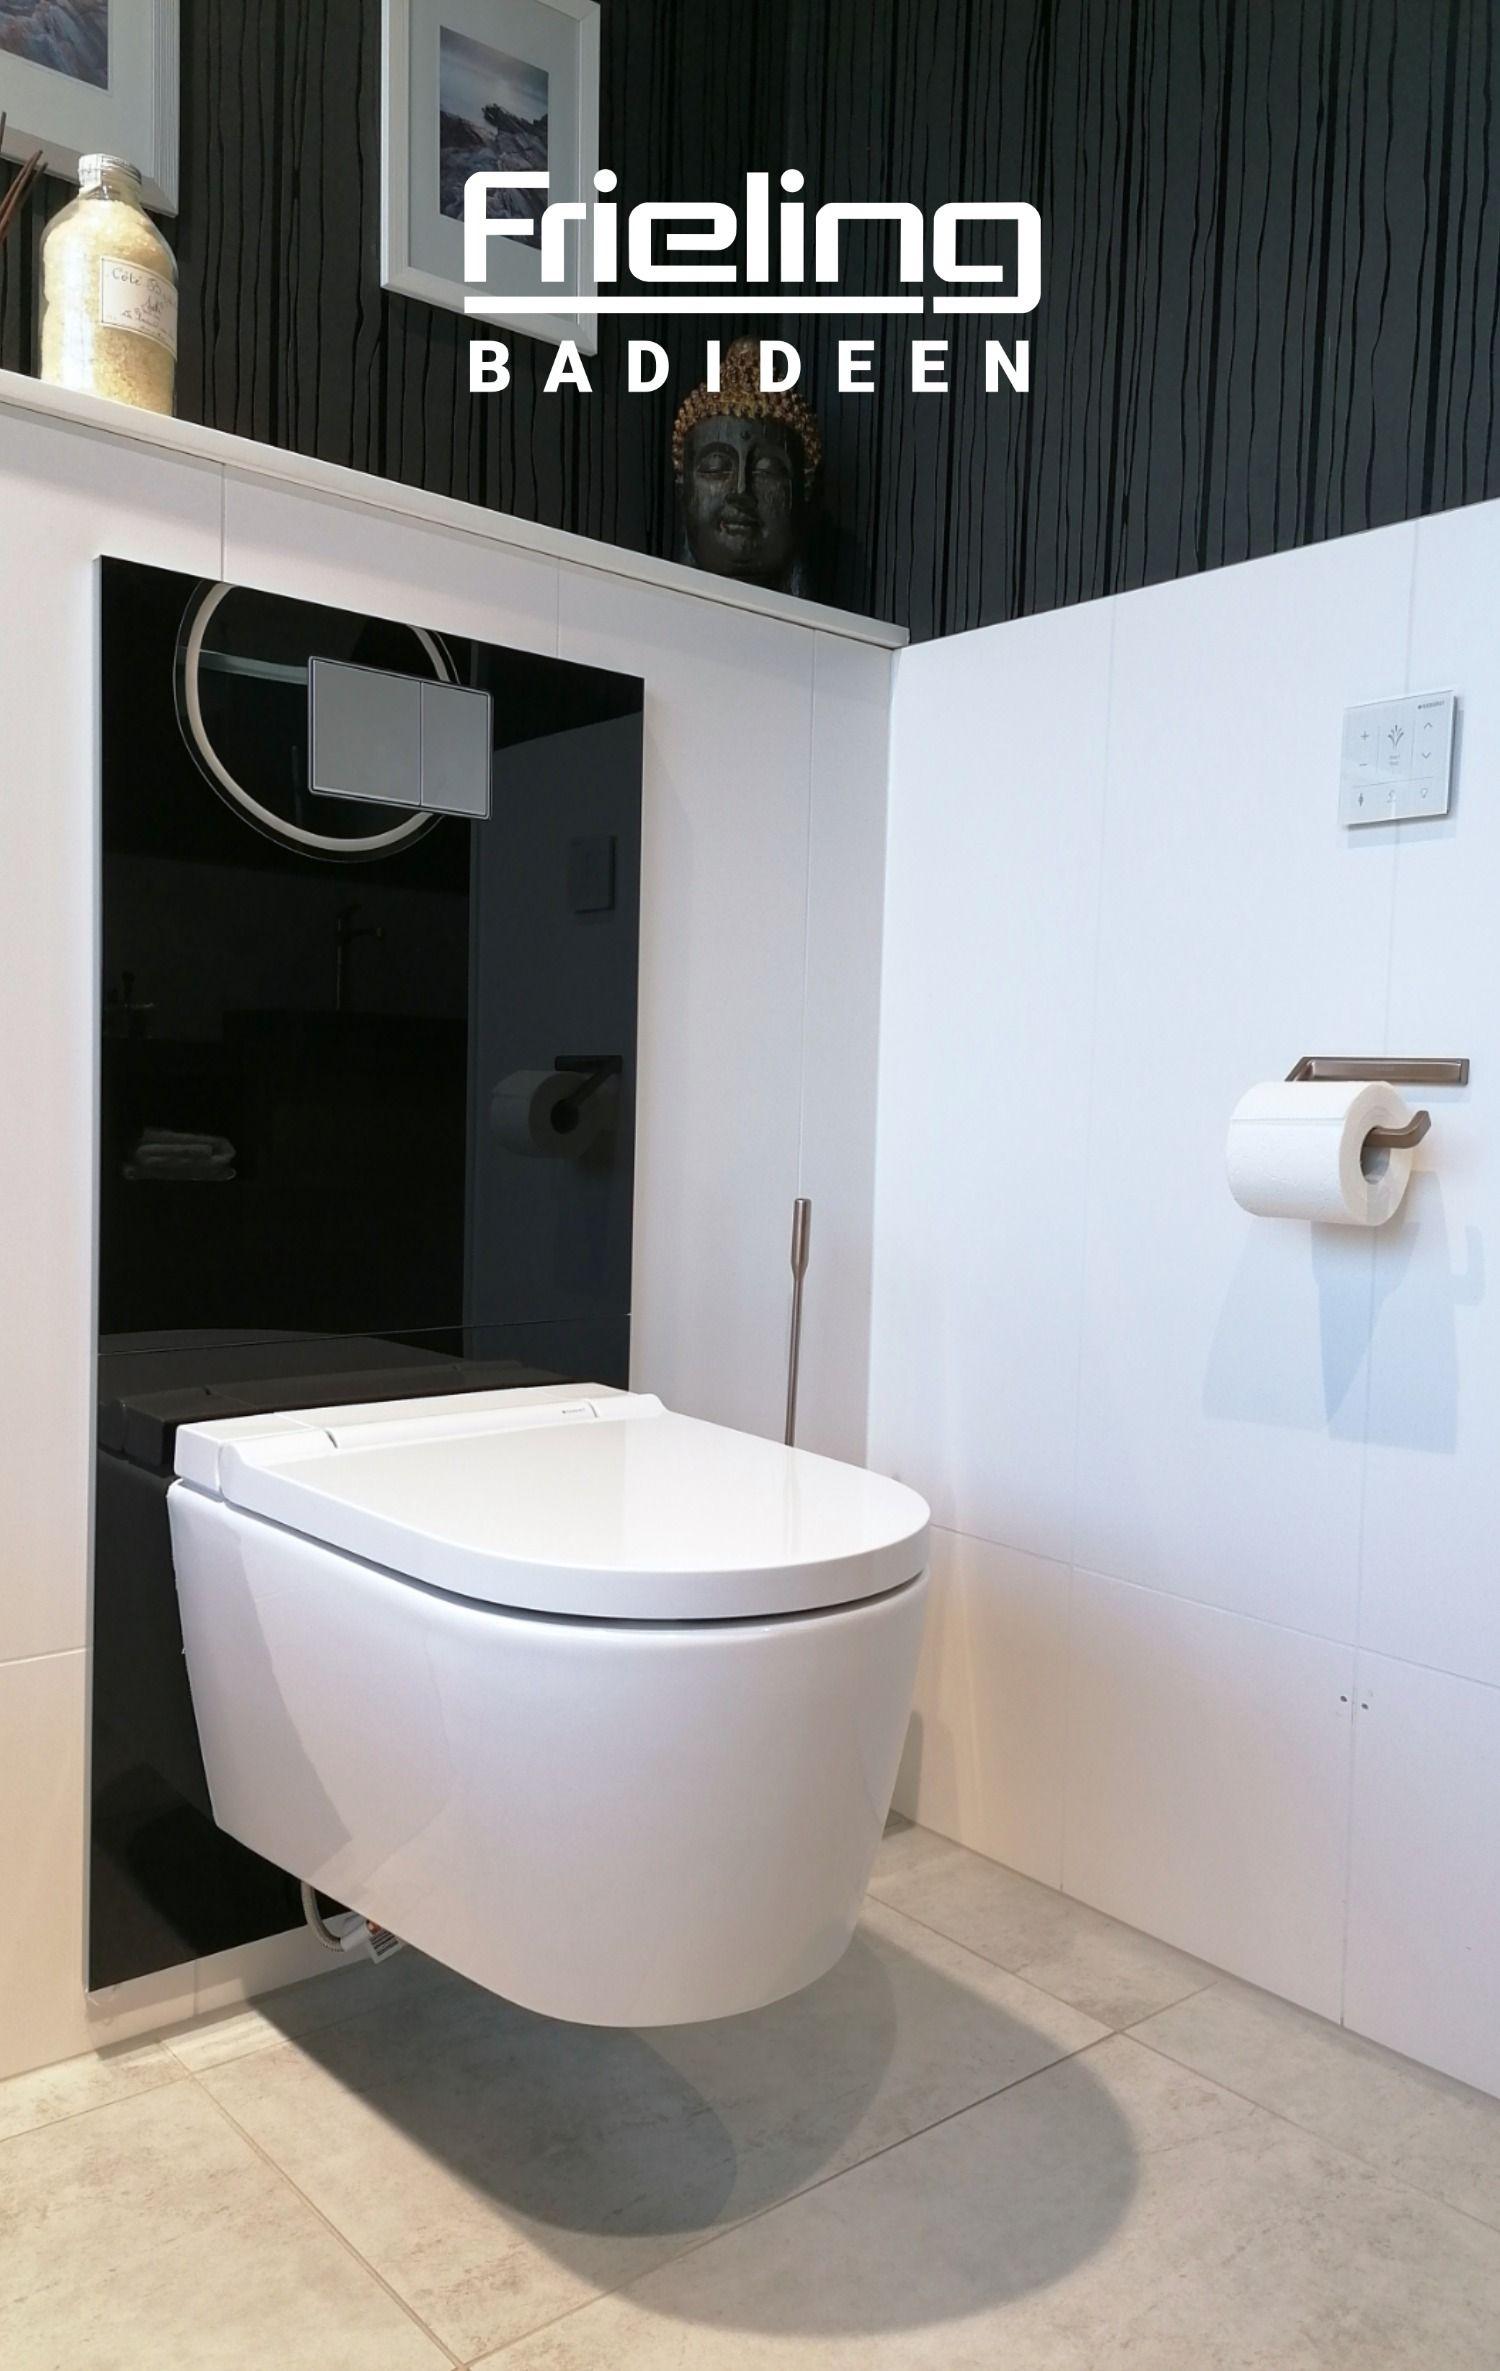 Dusch Wc Softclose Papierlos Erleben Sie Eine Andere Welt Der Hygiene Die Neue Toilette In 2020 Bader Ideen Wc Mit Dusche Bad Design